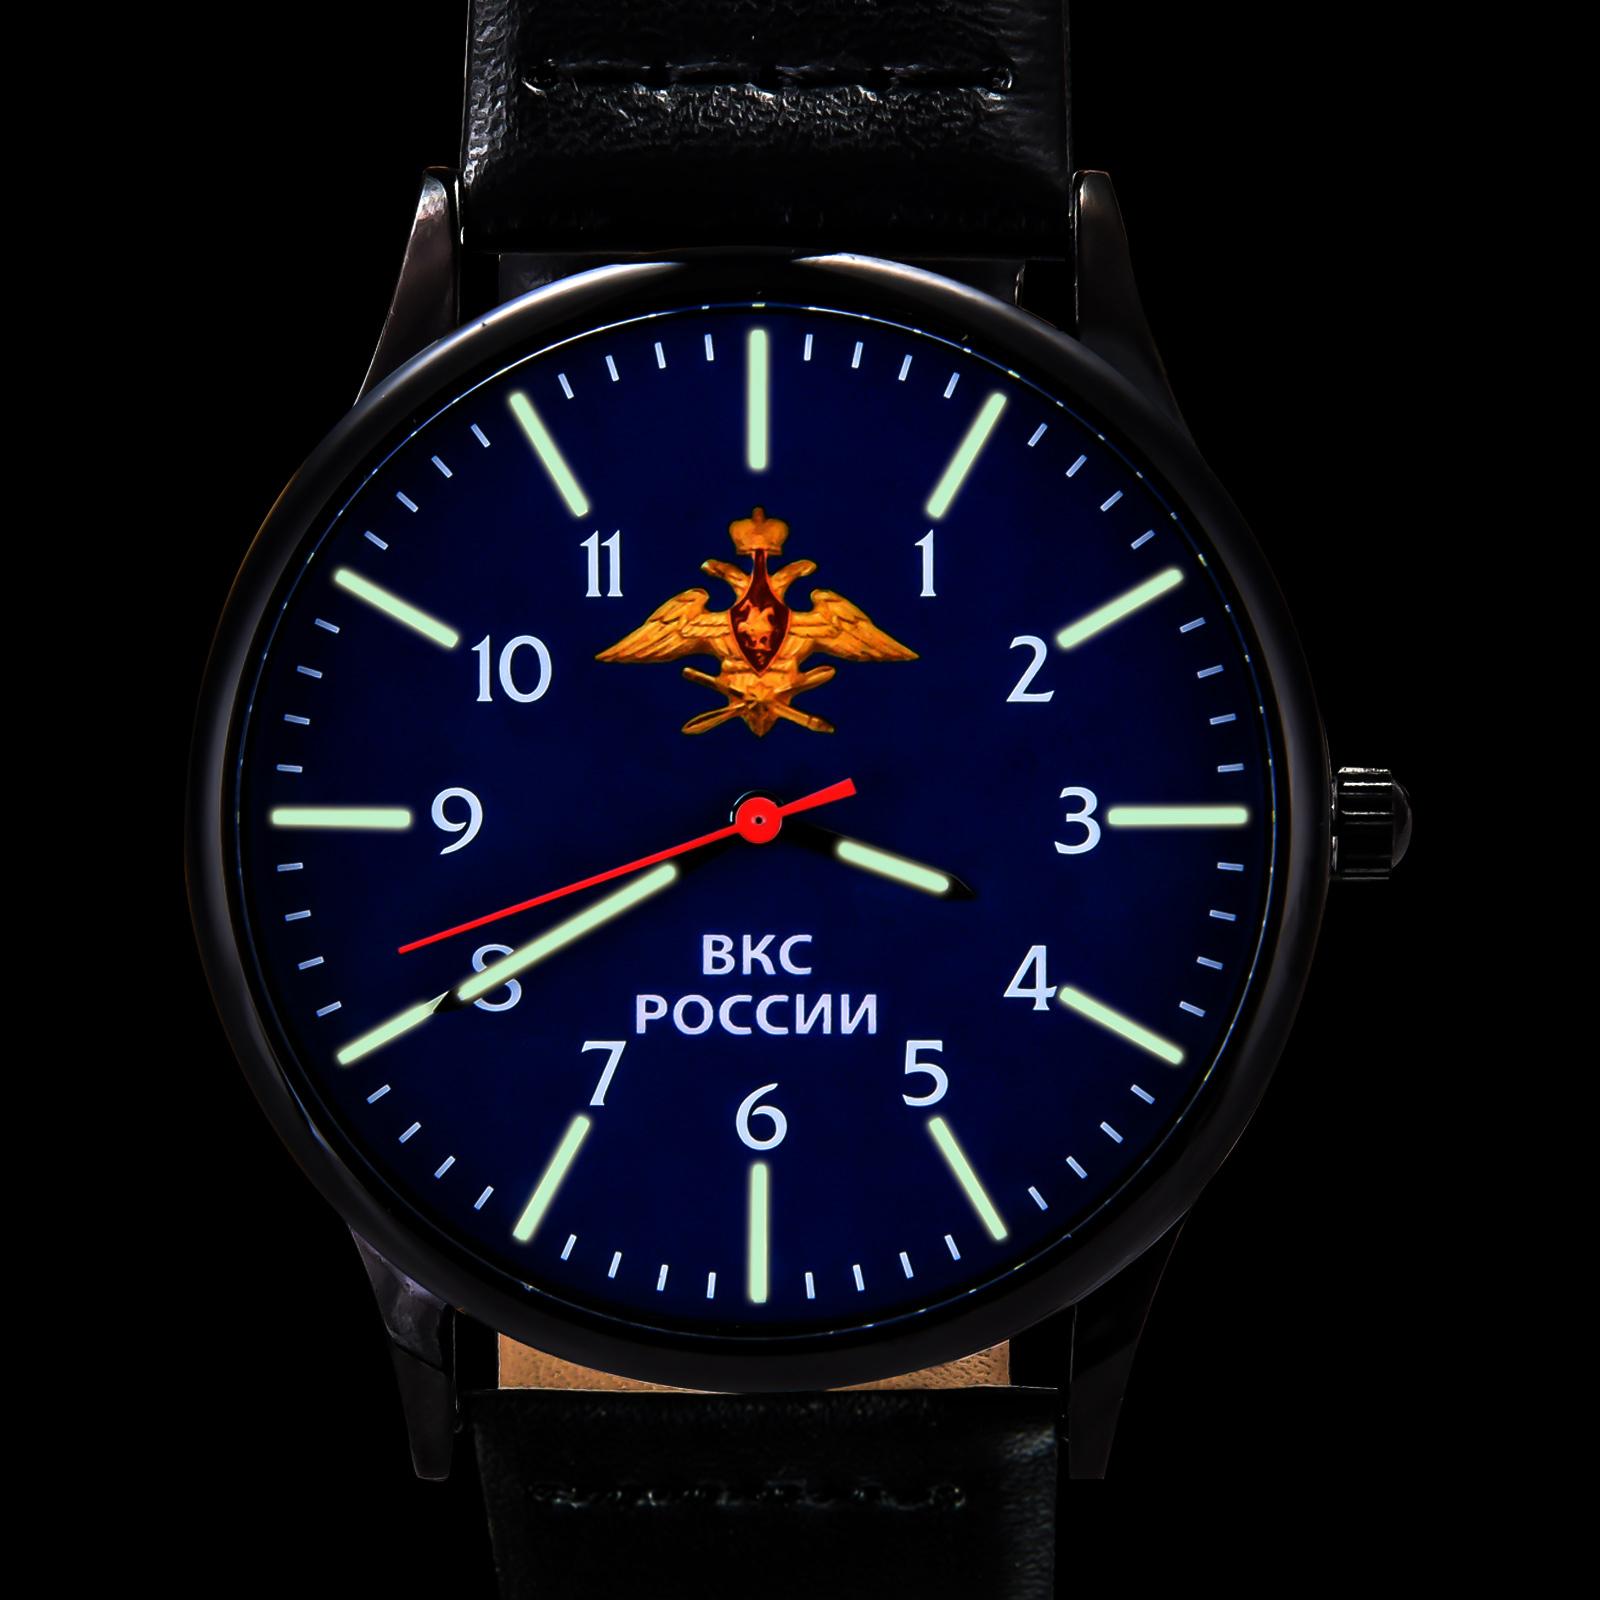 Командирские часы ВКС России